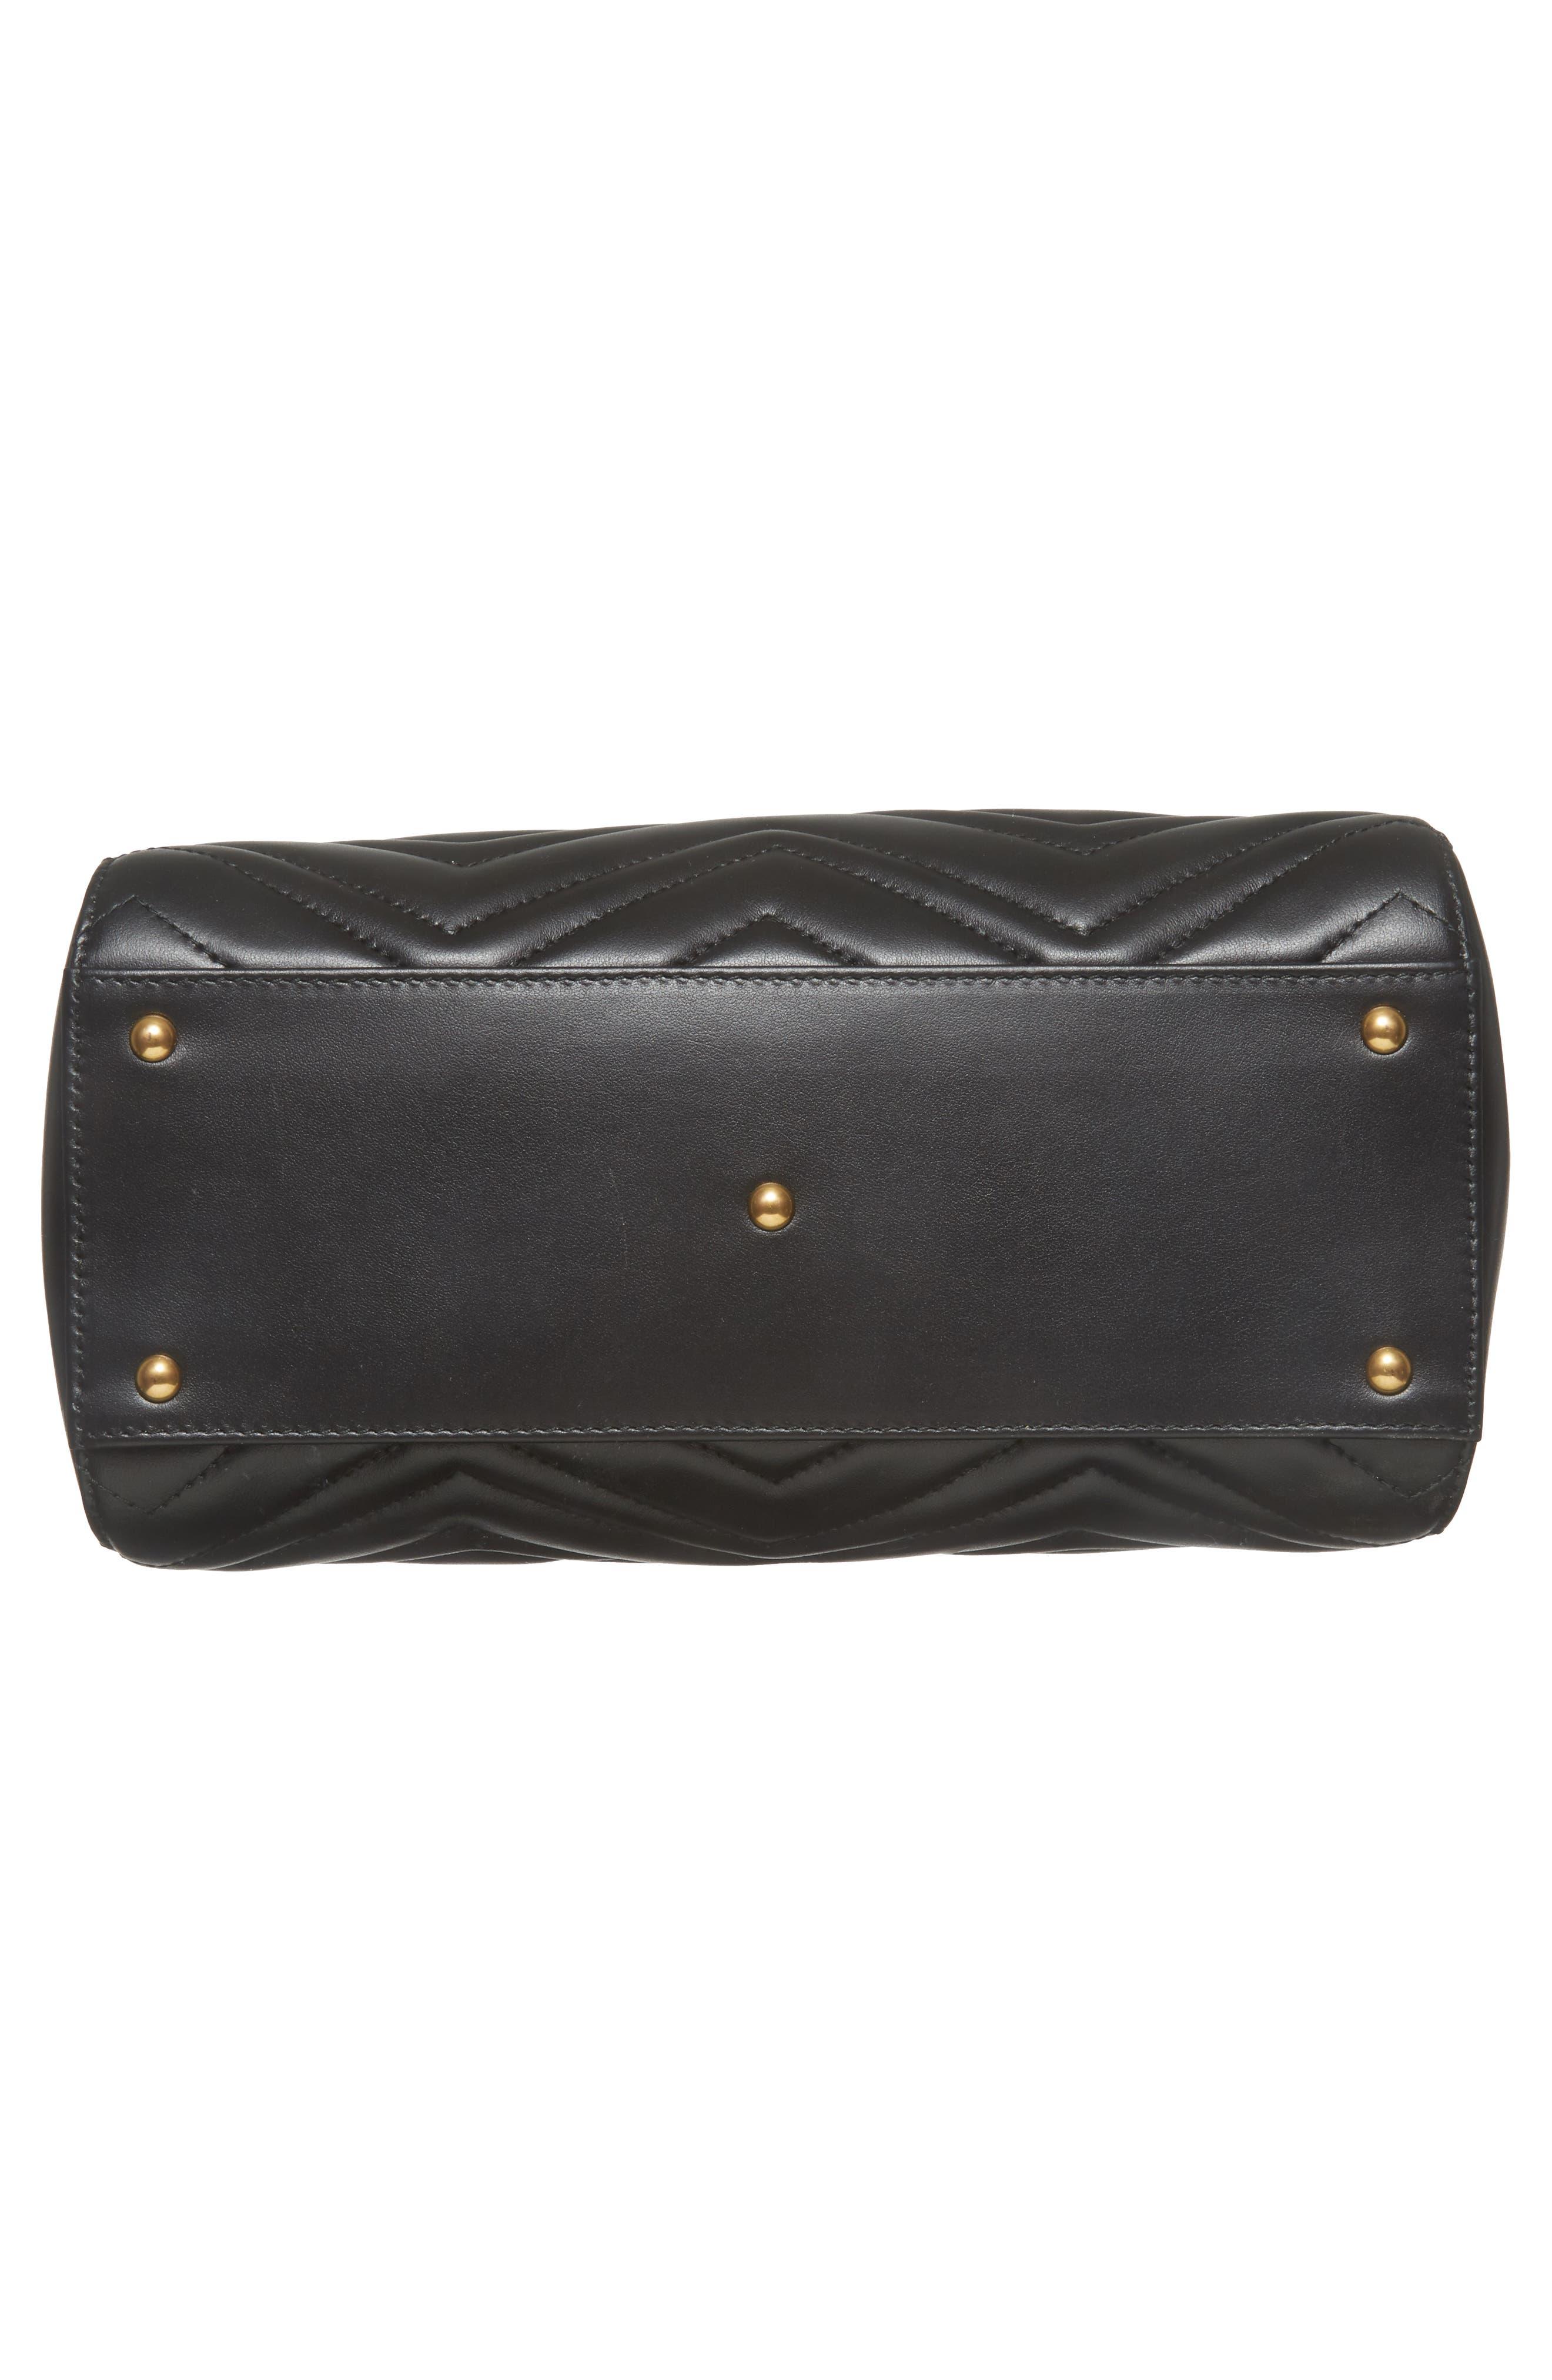 GG Small Marmont 2.0 Matelassé Leather Top Handle Satchel,                             Alternate thumbnail 7, color,                             005